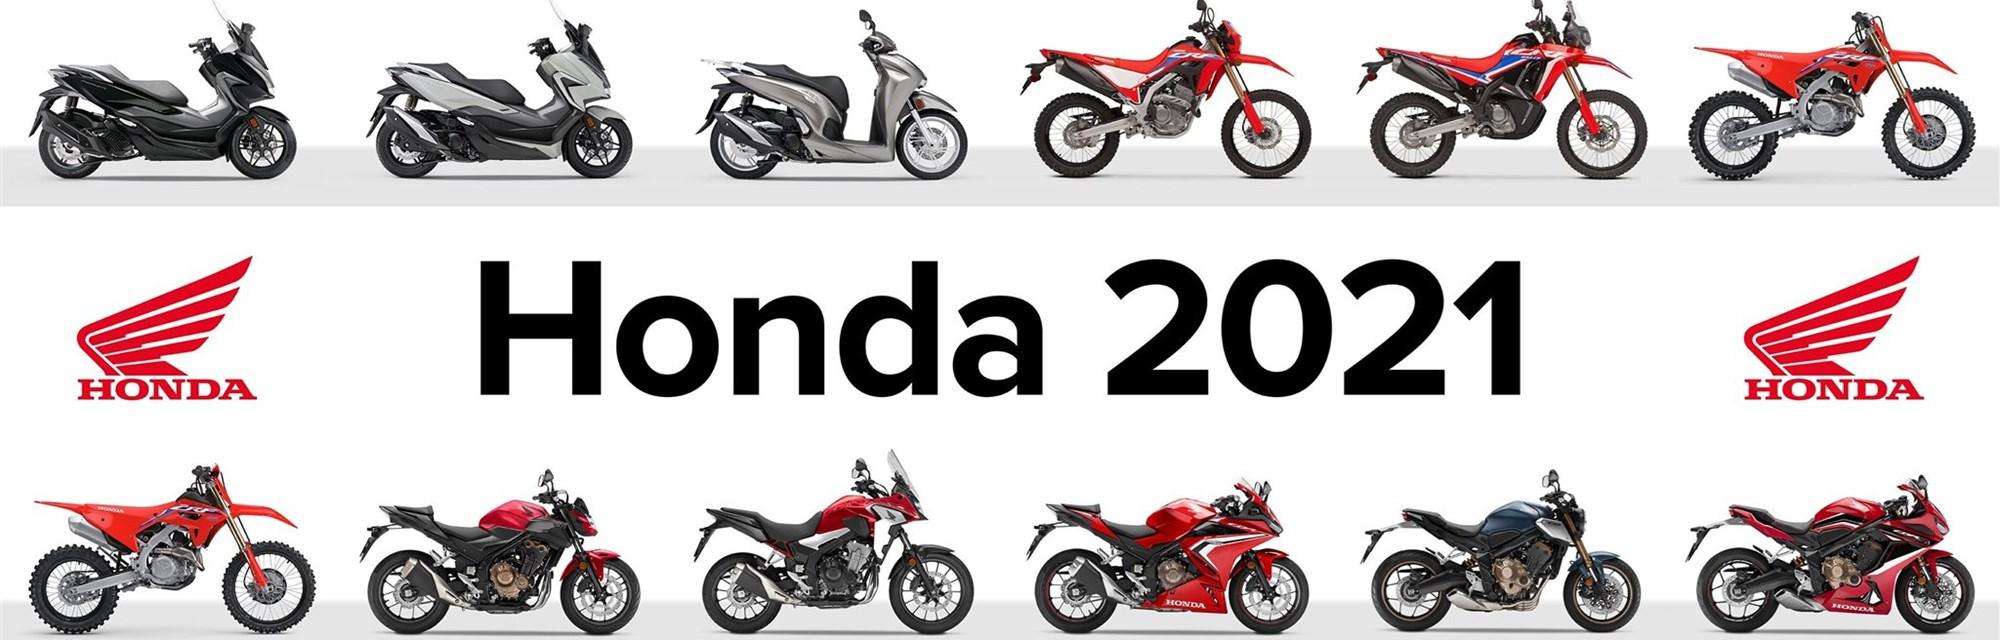 Honda Preisliste 2021